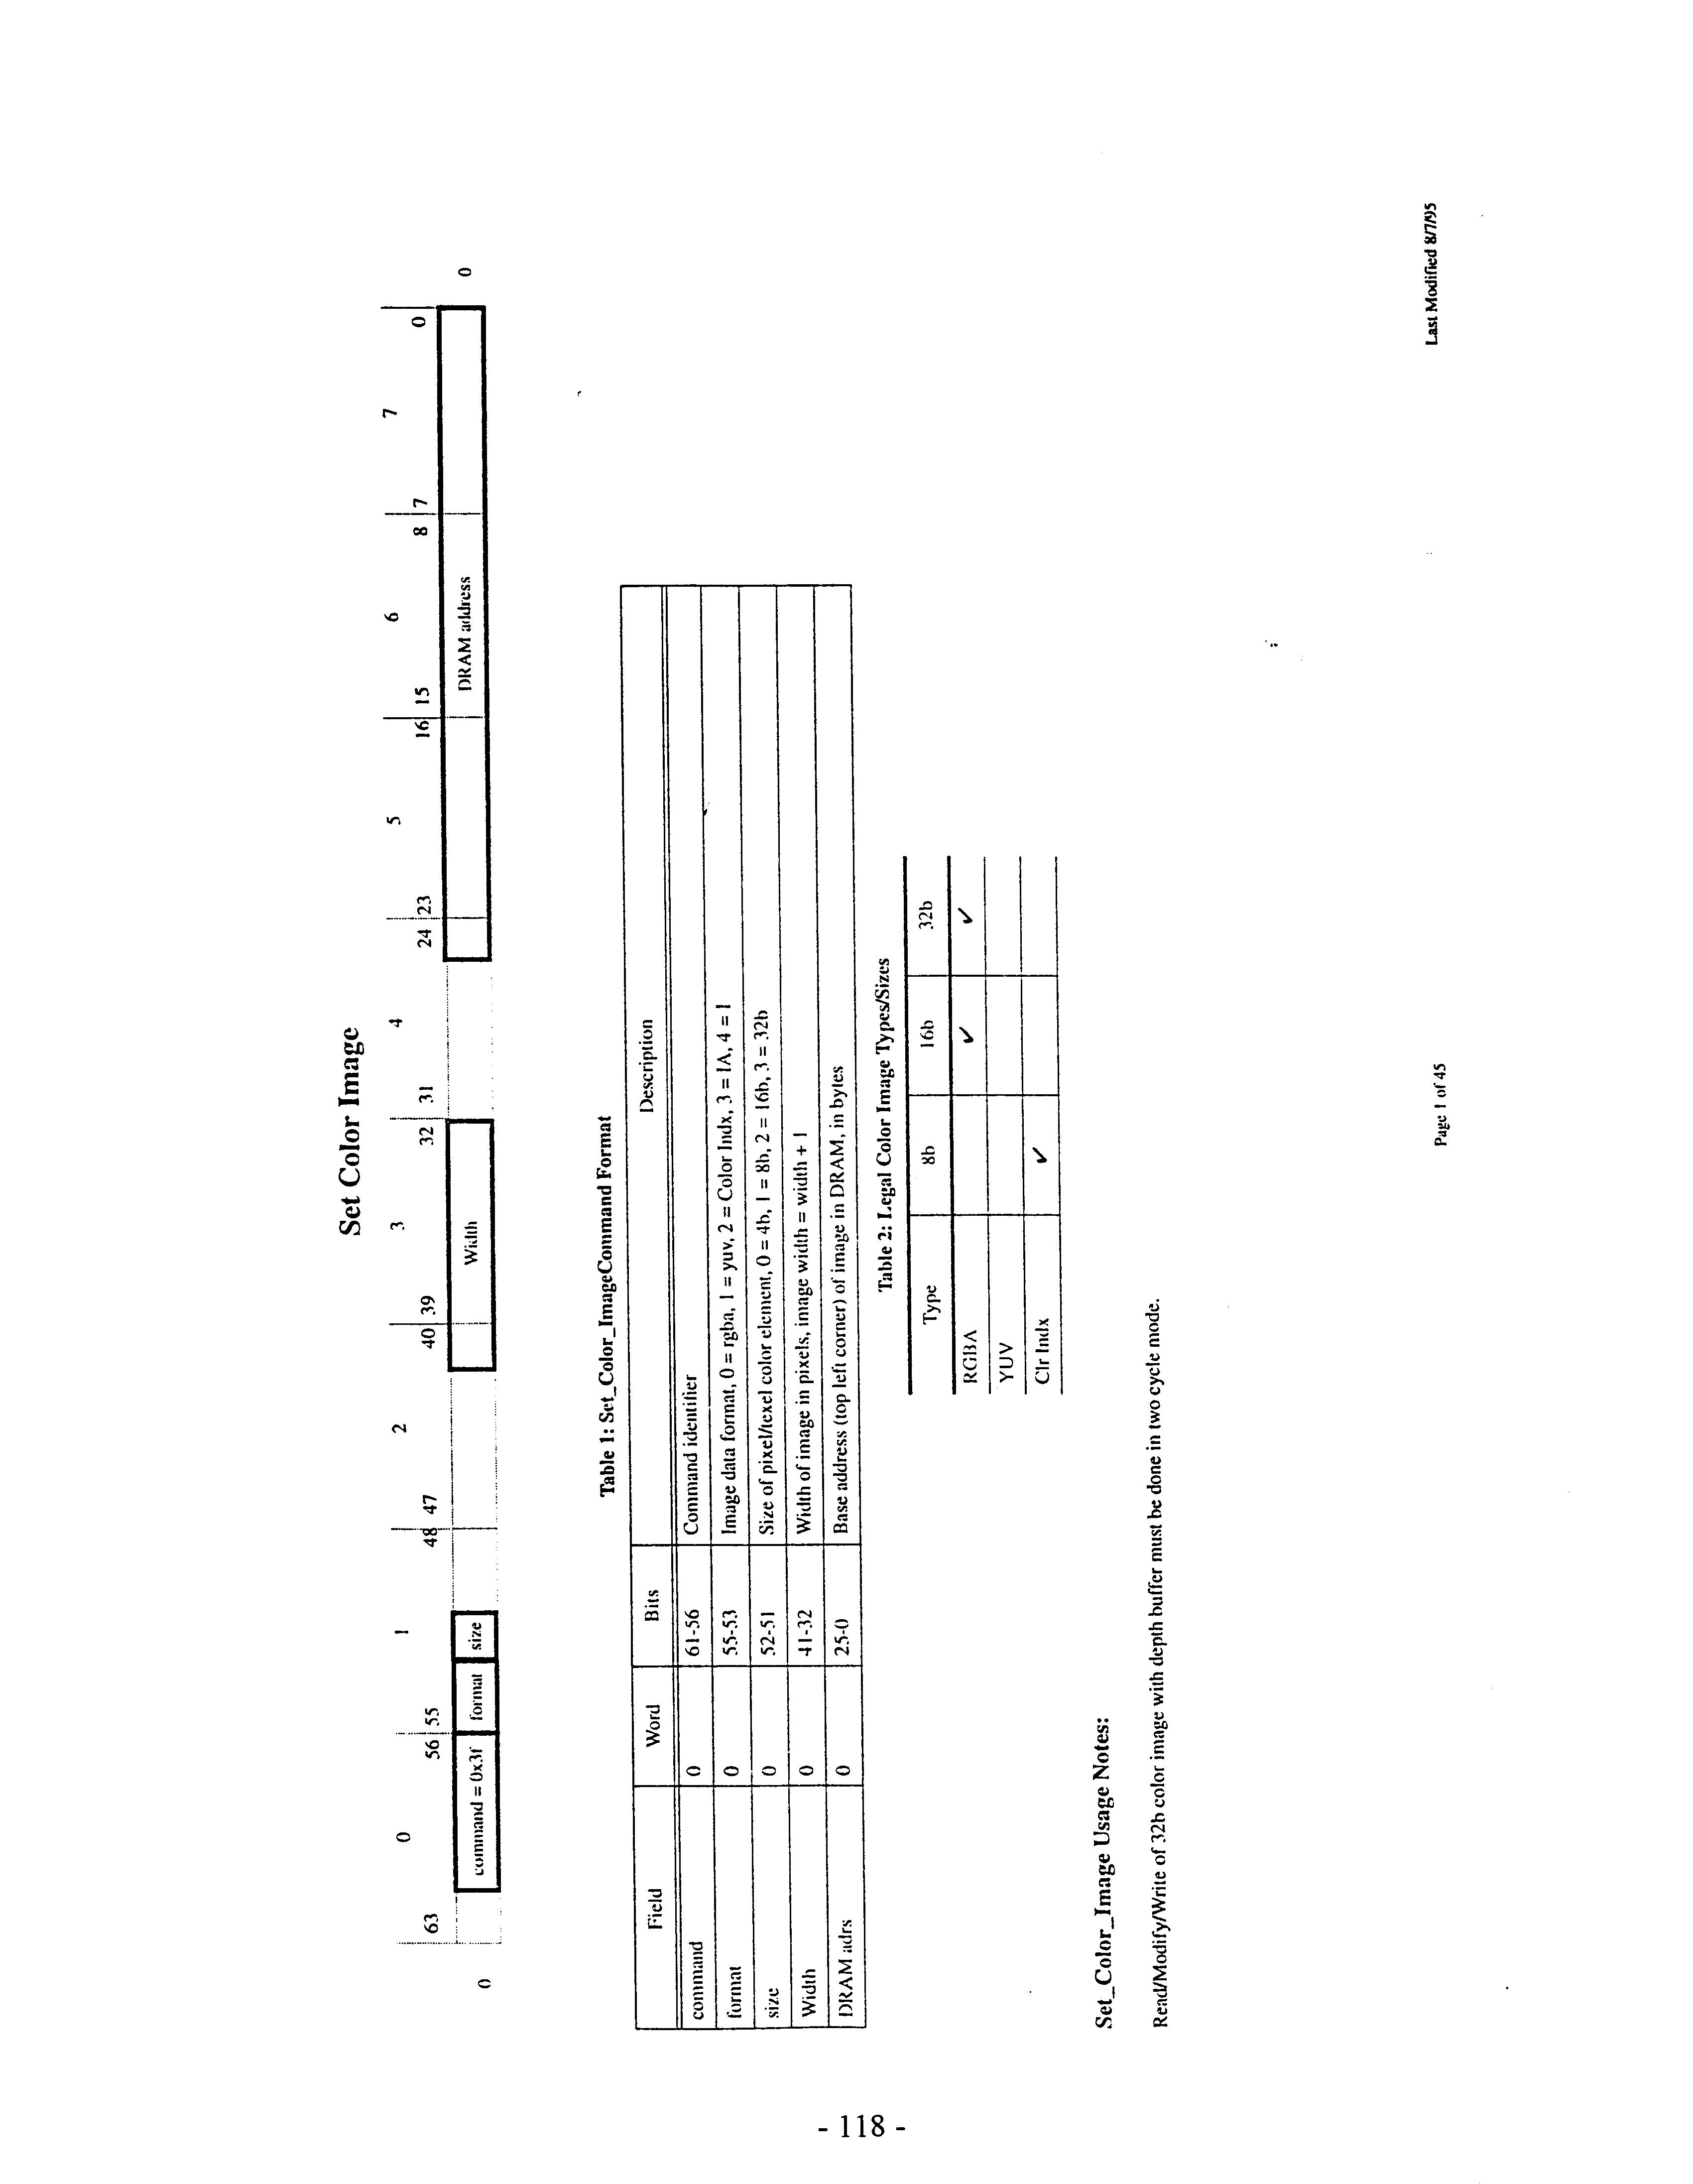 Figure US06331856-20011218-P00003